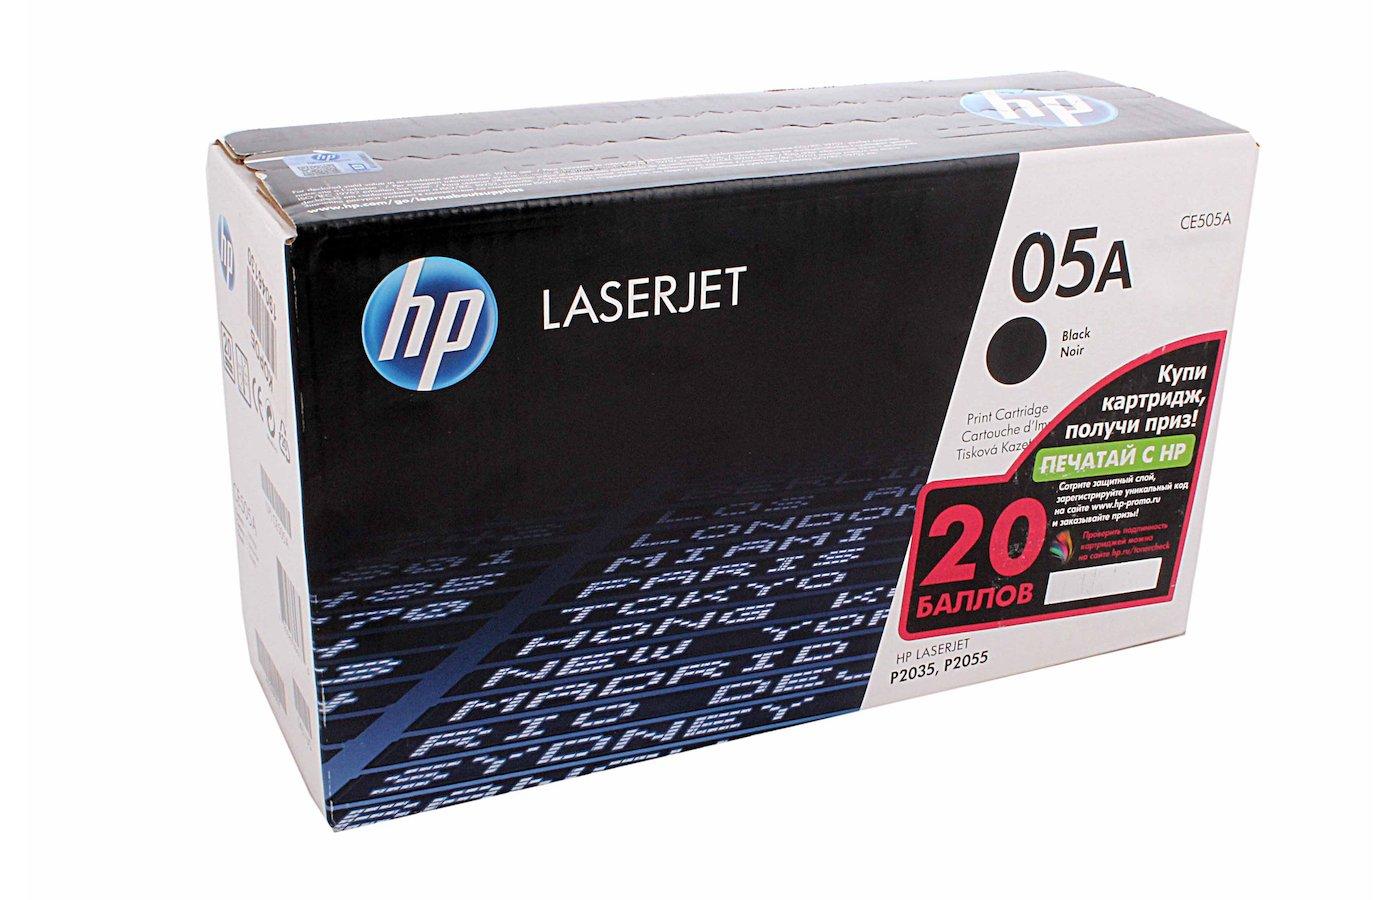 Картридж лазерный HP CE505XD черный для LJ P2055 (6500стр.)